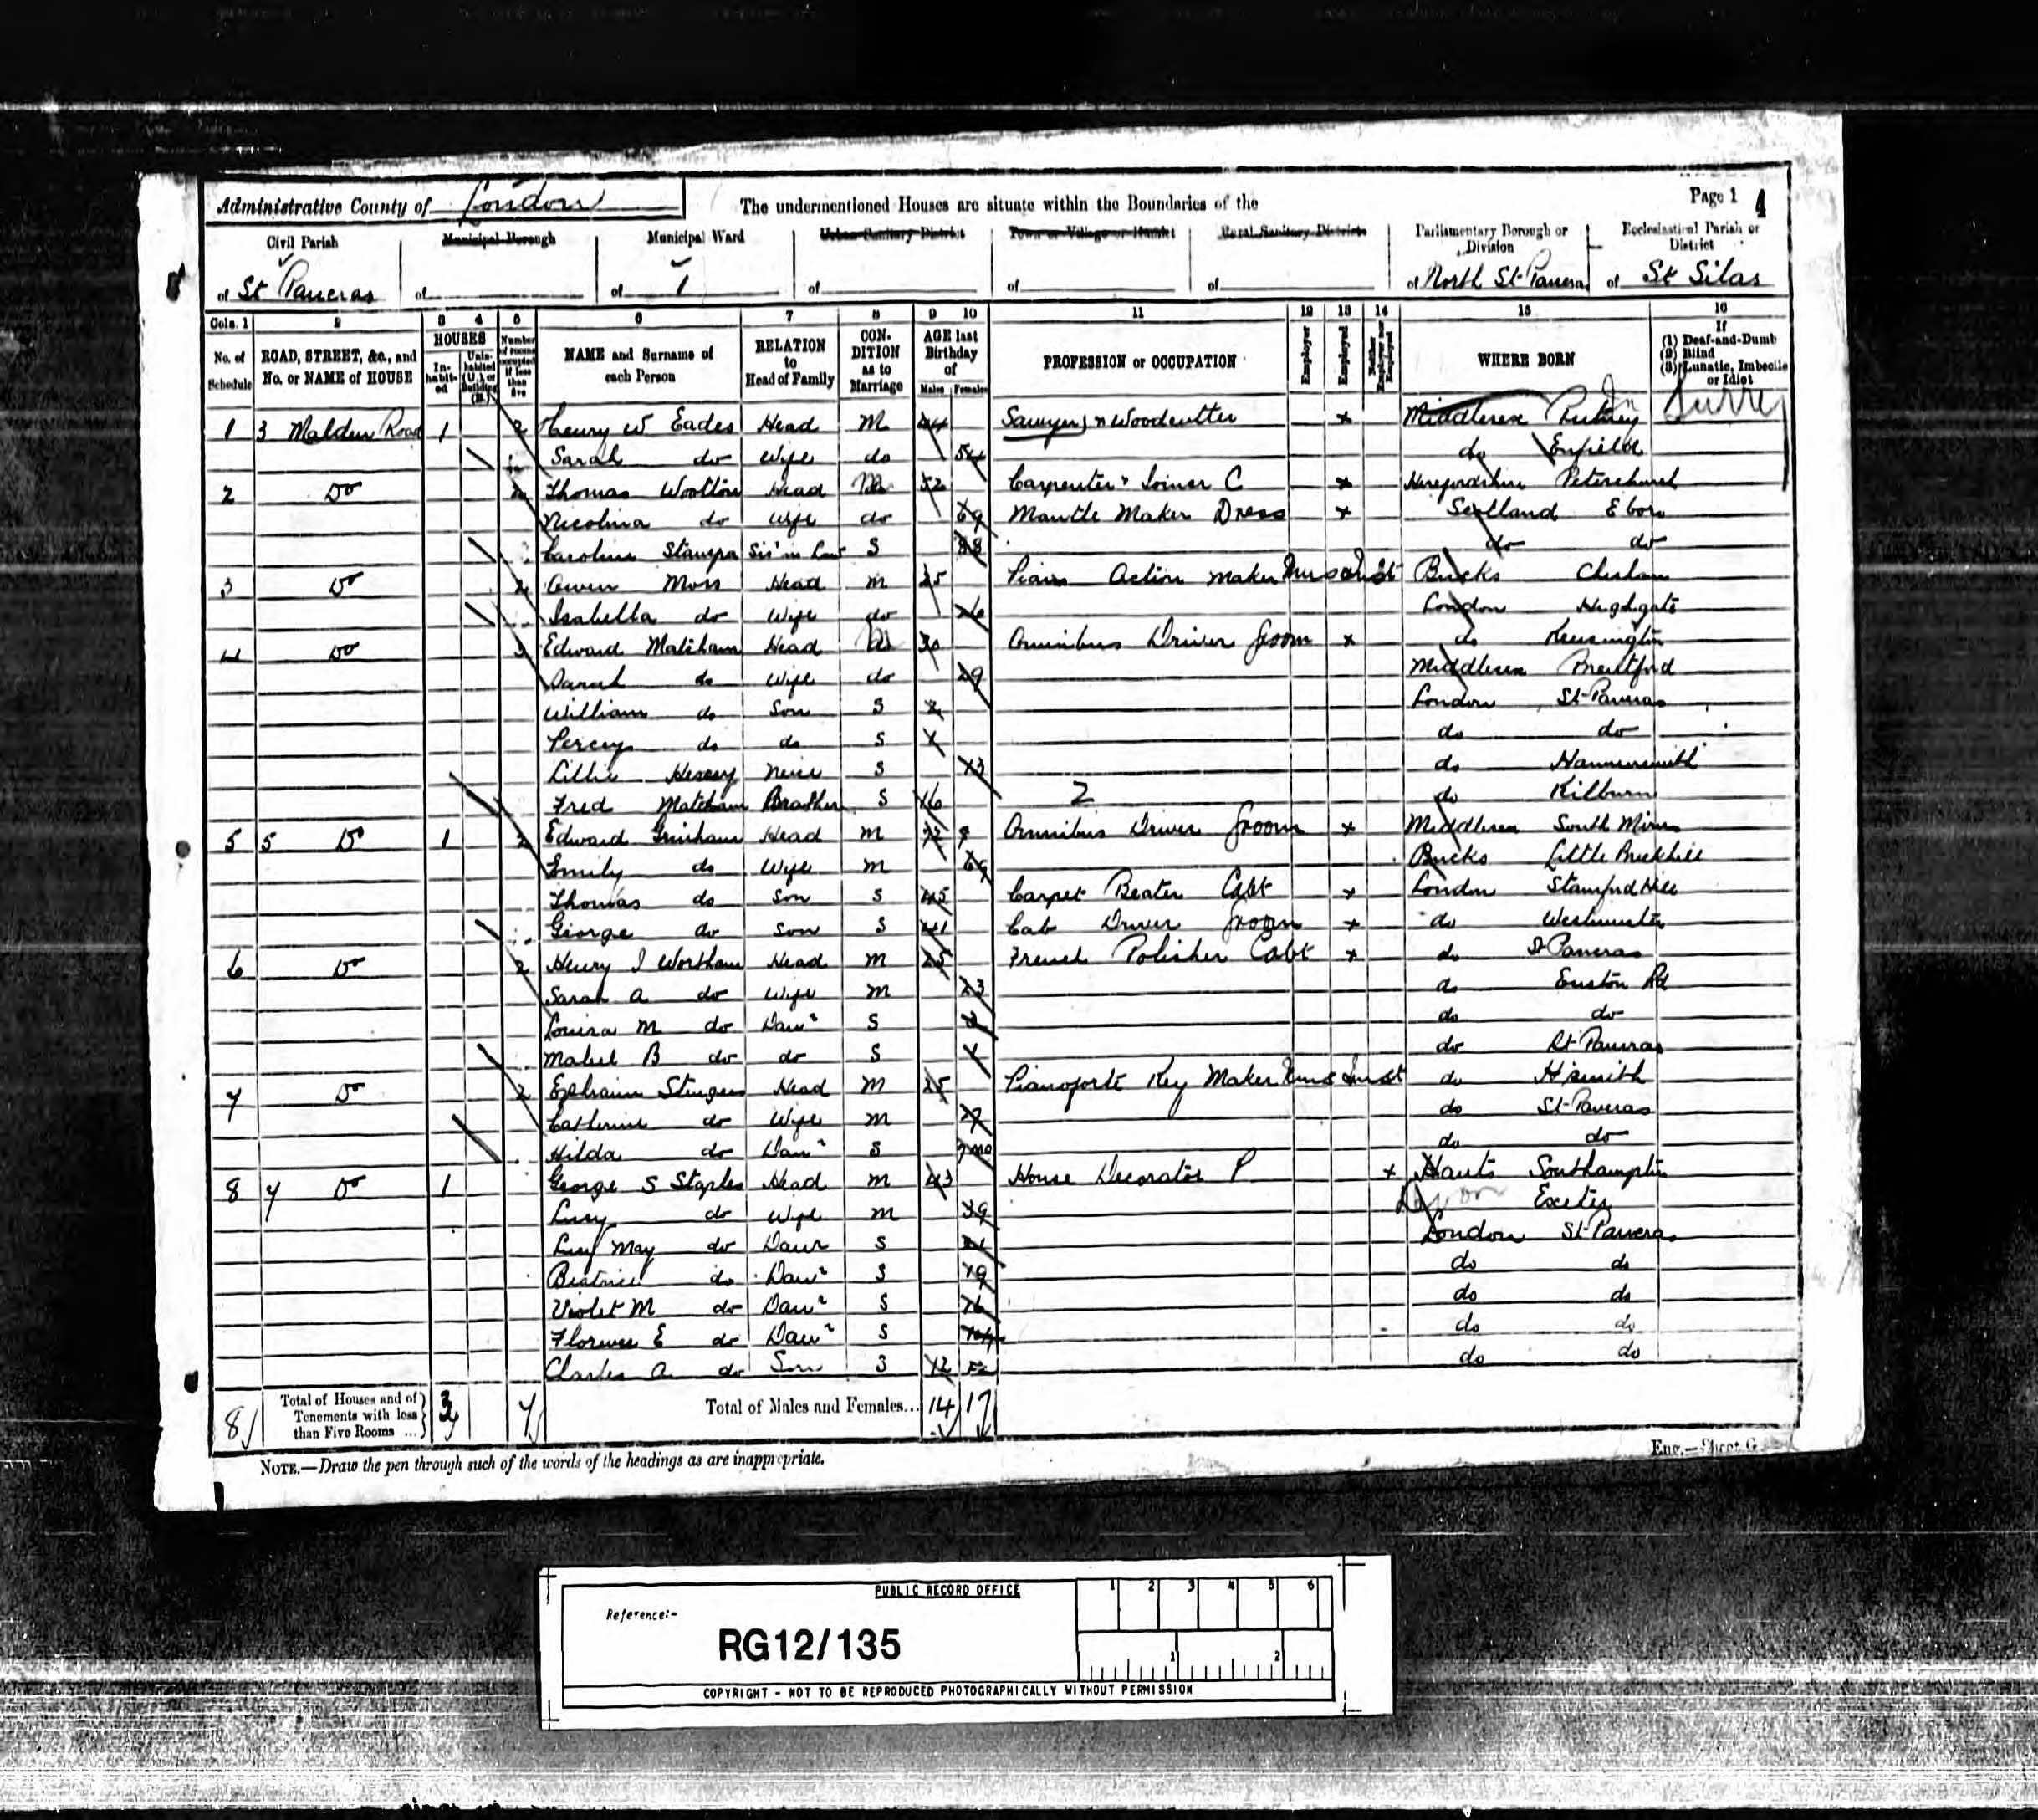 Nicolina Elizabeth Stampa Census Return 1891